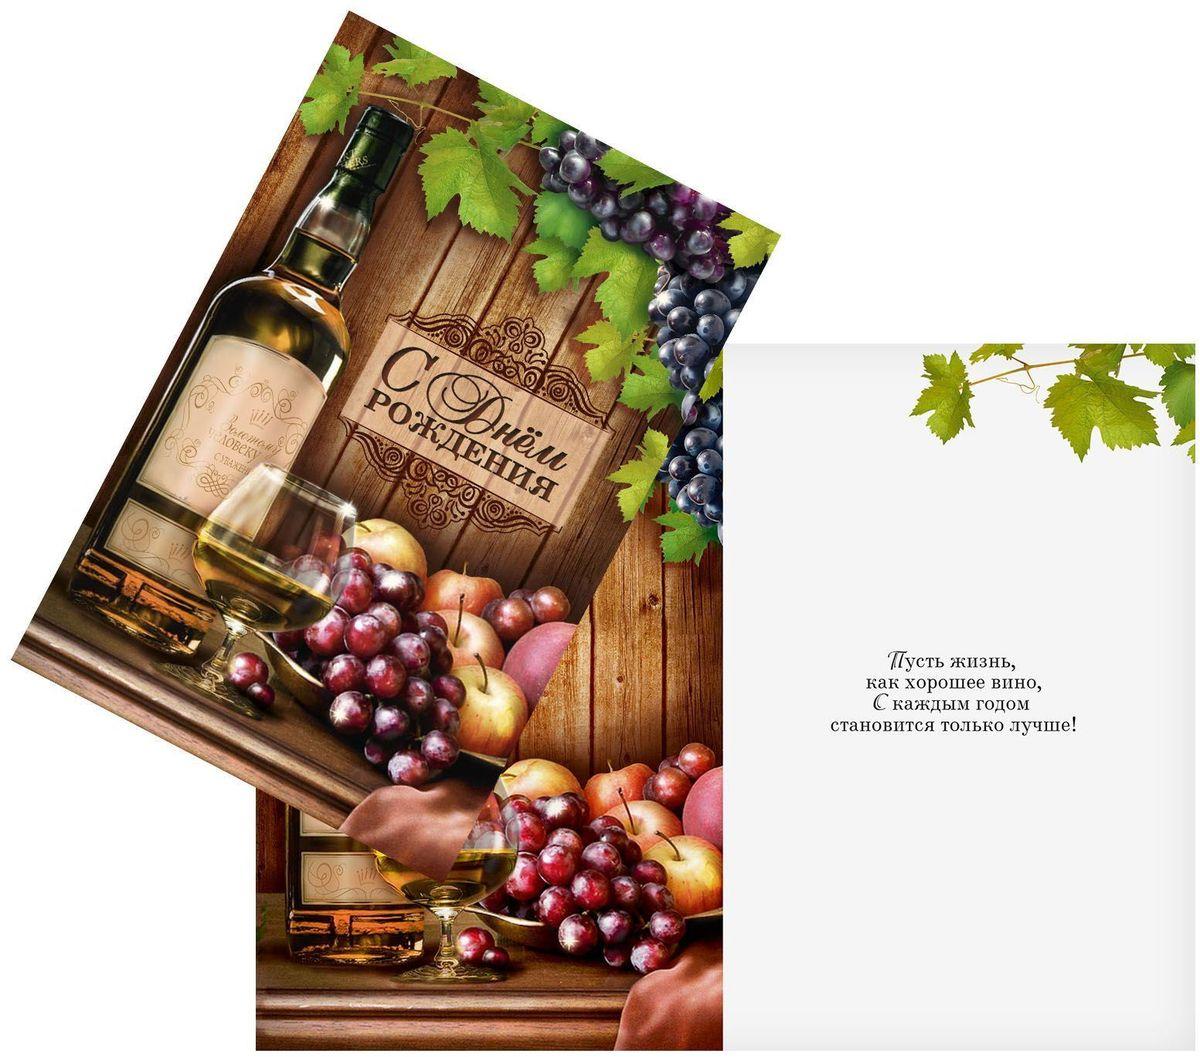 Открытка Дарите cчастье Вино золотому человеку, 12 х 18 см1744804Атмосферу праздника создают детали: свечи, цветы, бокалы, воздушные шары и поздравительные открытки - яркие и весёлые, романтичные и нежные, милые и трогательные.Расскажите о своих чувствах дорогому для вас человеку, поделитесь радостью с близкими и друзьями. Открытка с креативным дизайном вам в этом поможет.